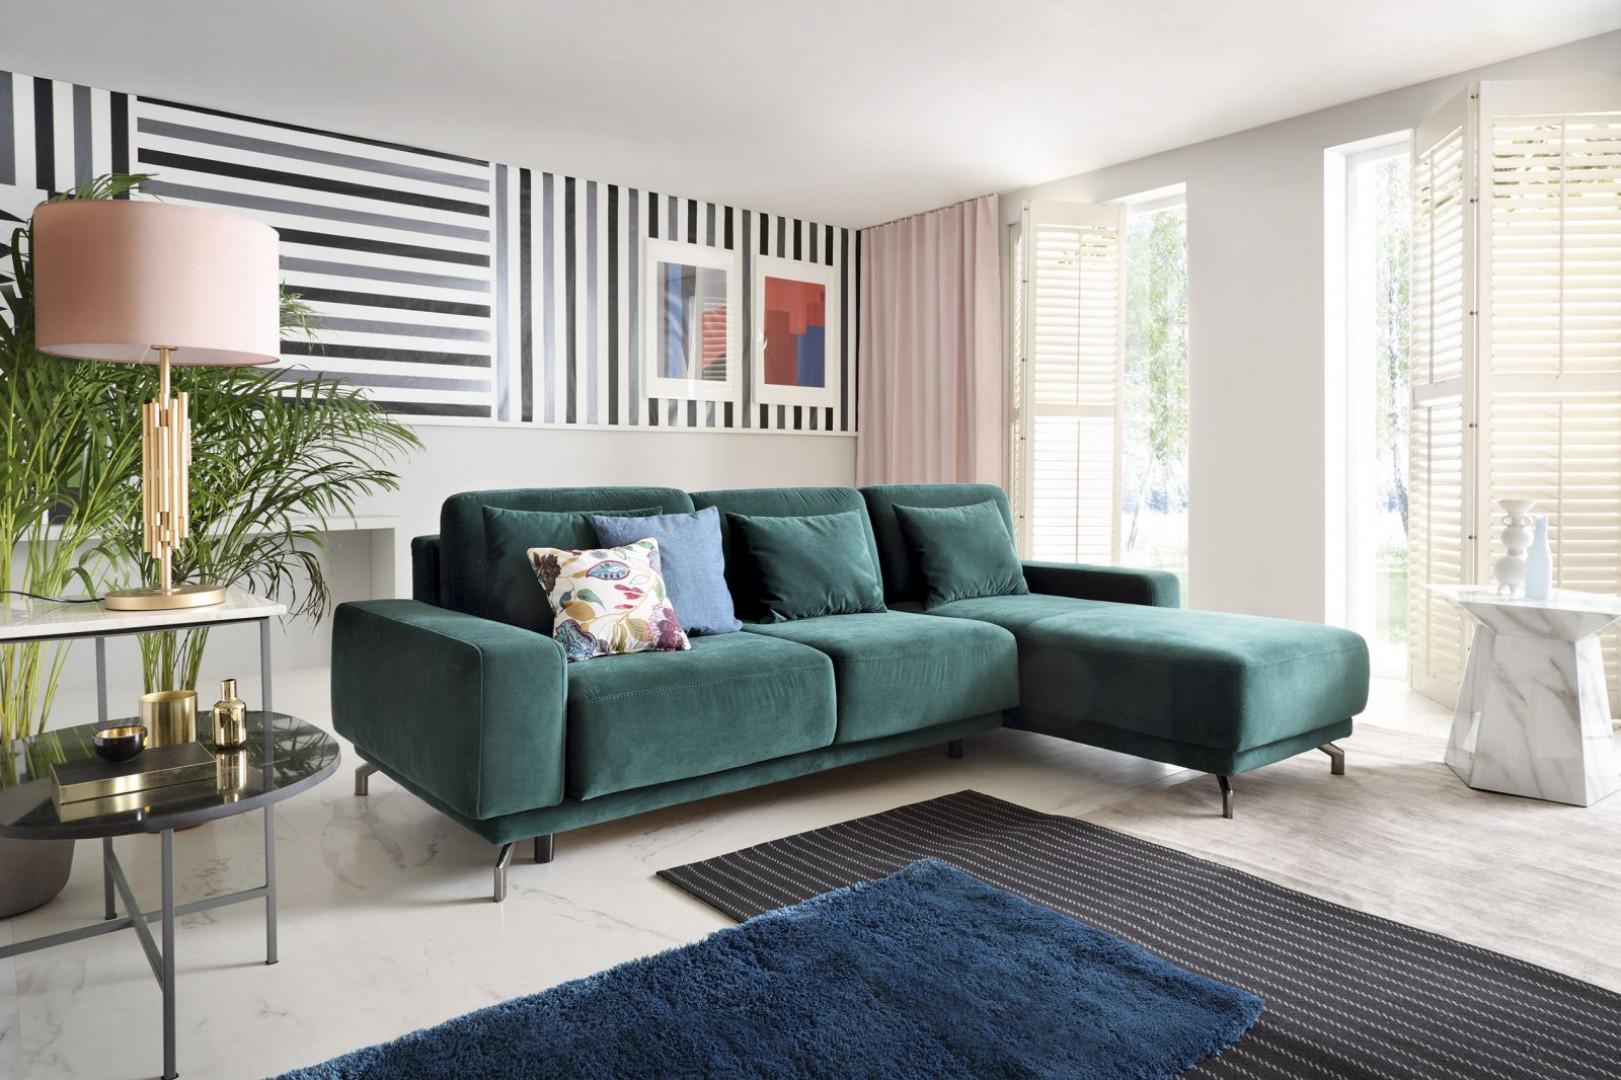 Sofa Veneto firmy Gala Collezione. Fot. Gala Collezione